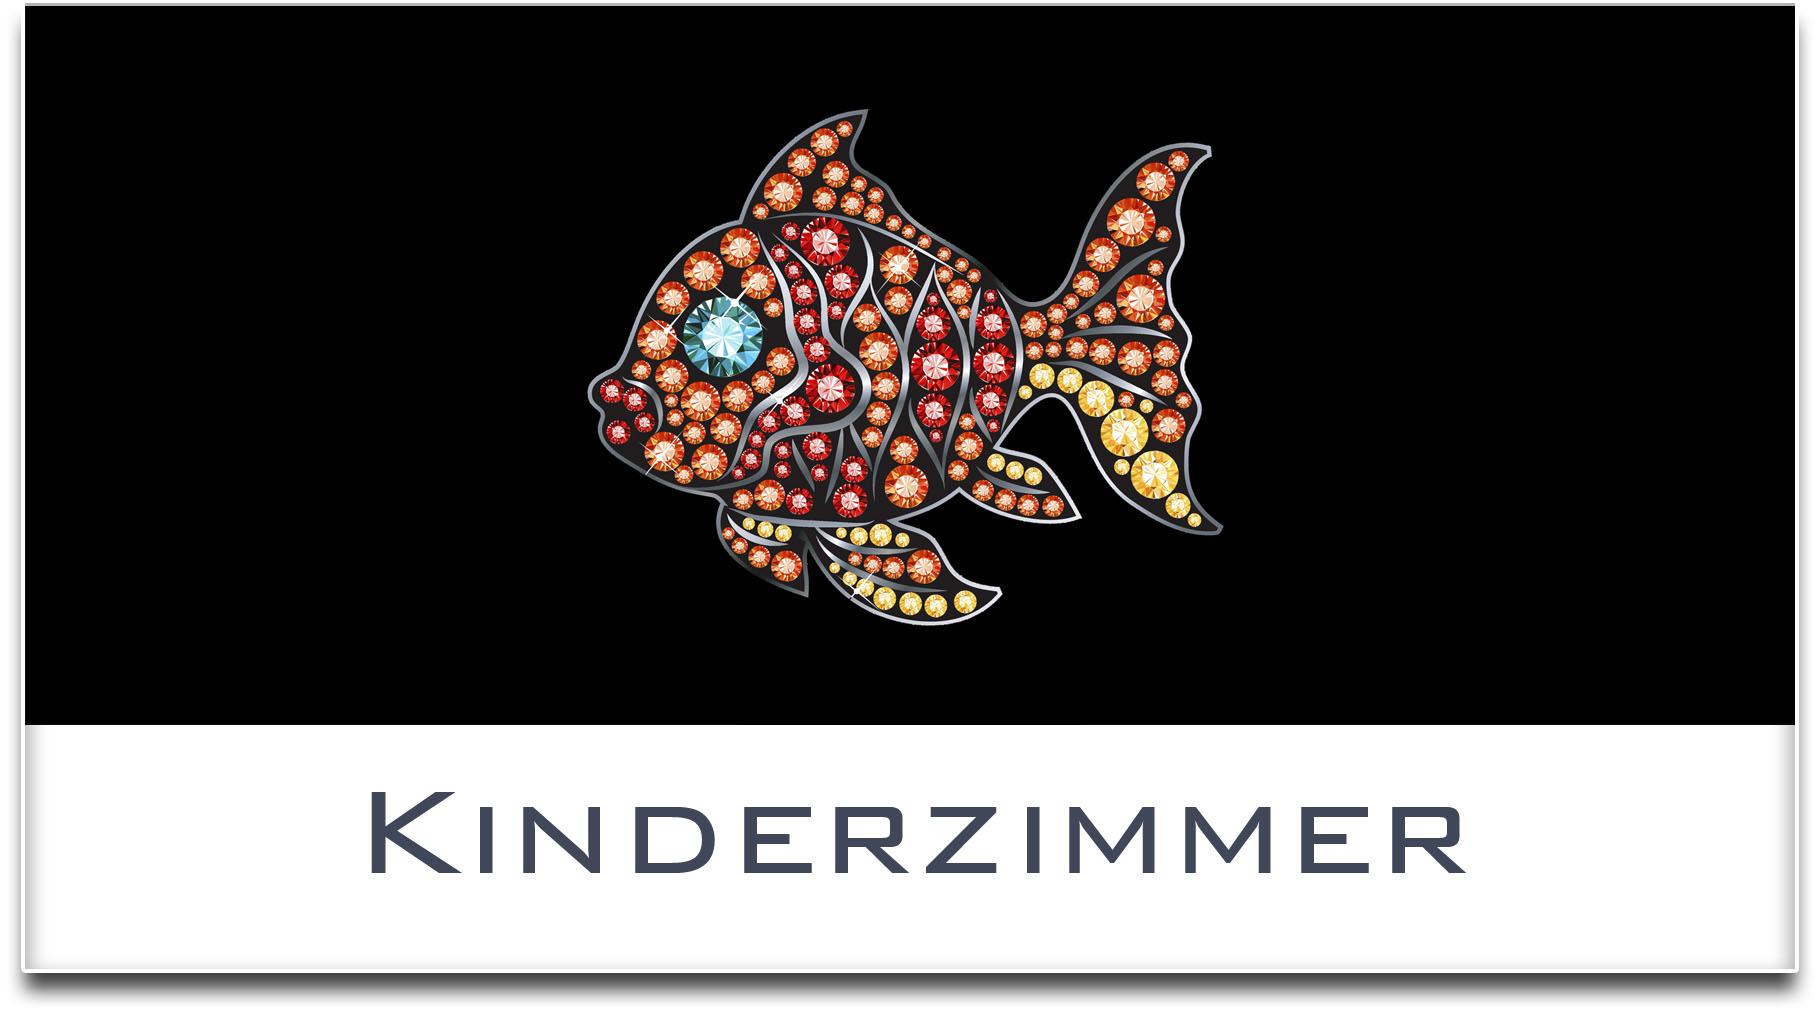 Türschild / Haustürschild / Fisch / Kinderzimmer / Selbstklebend